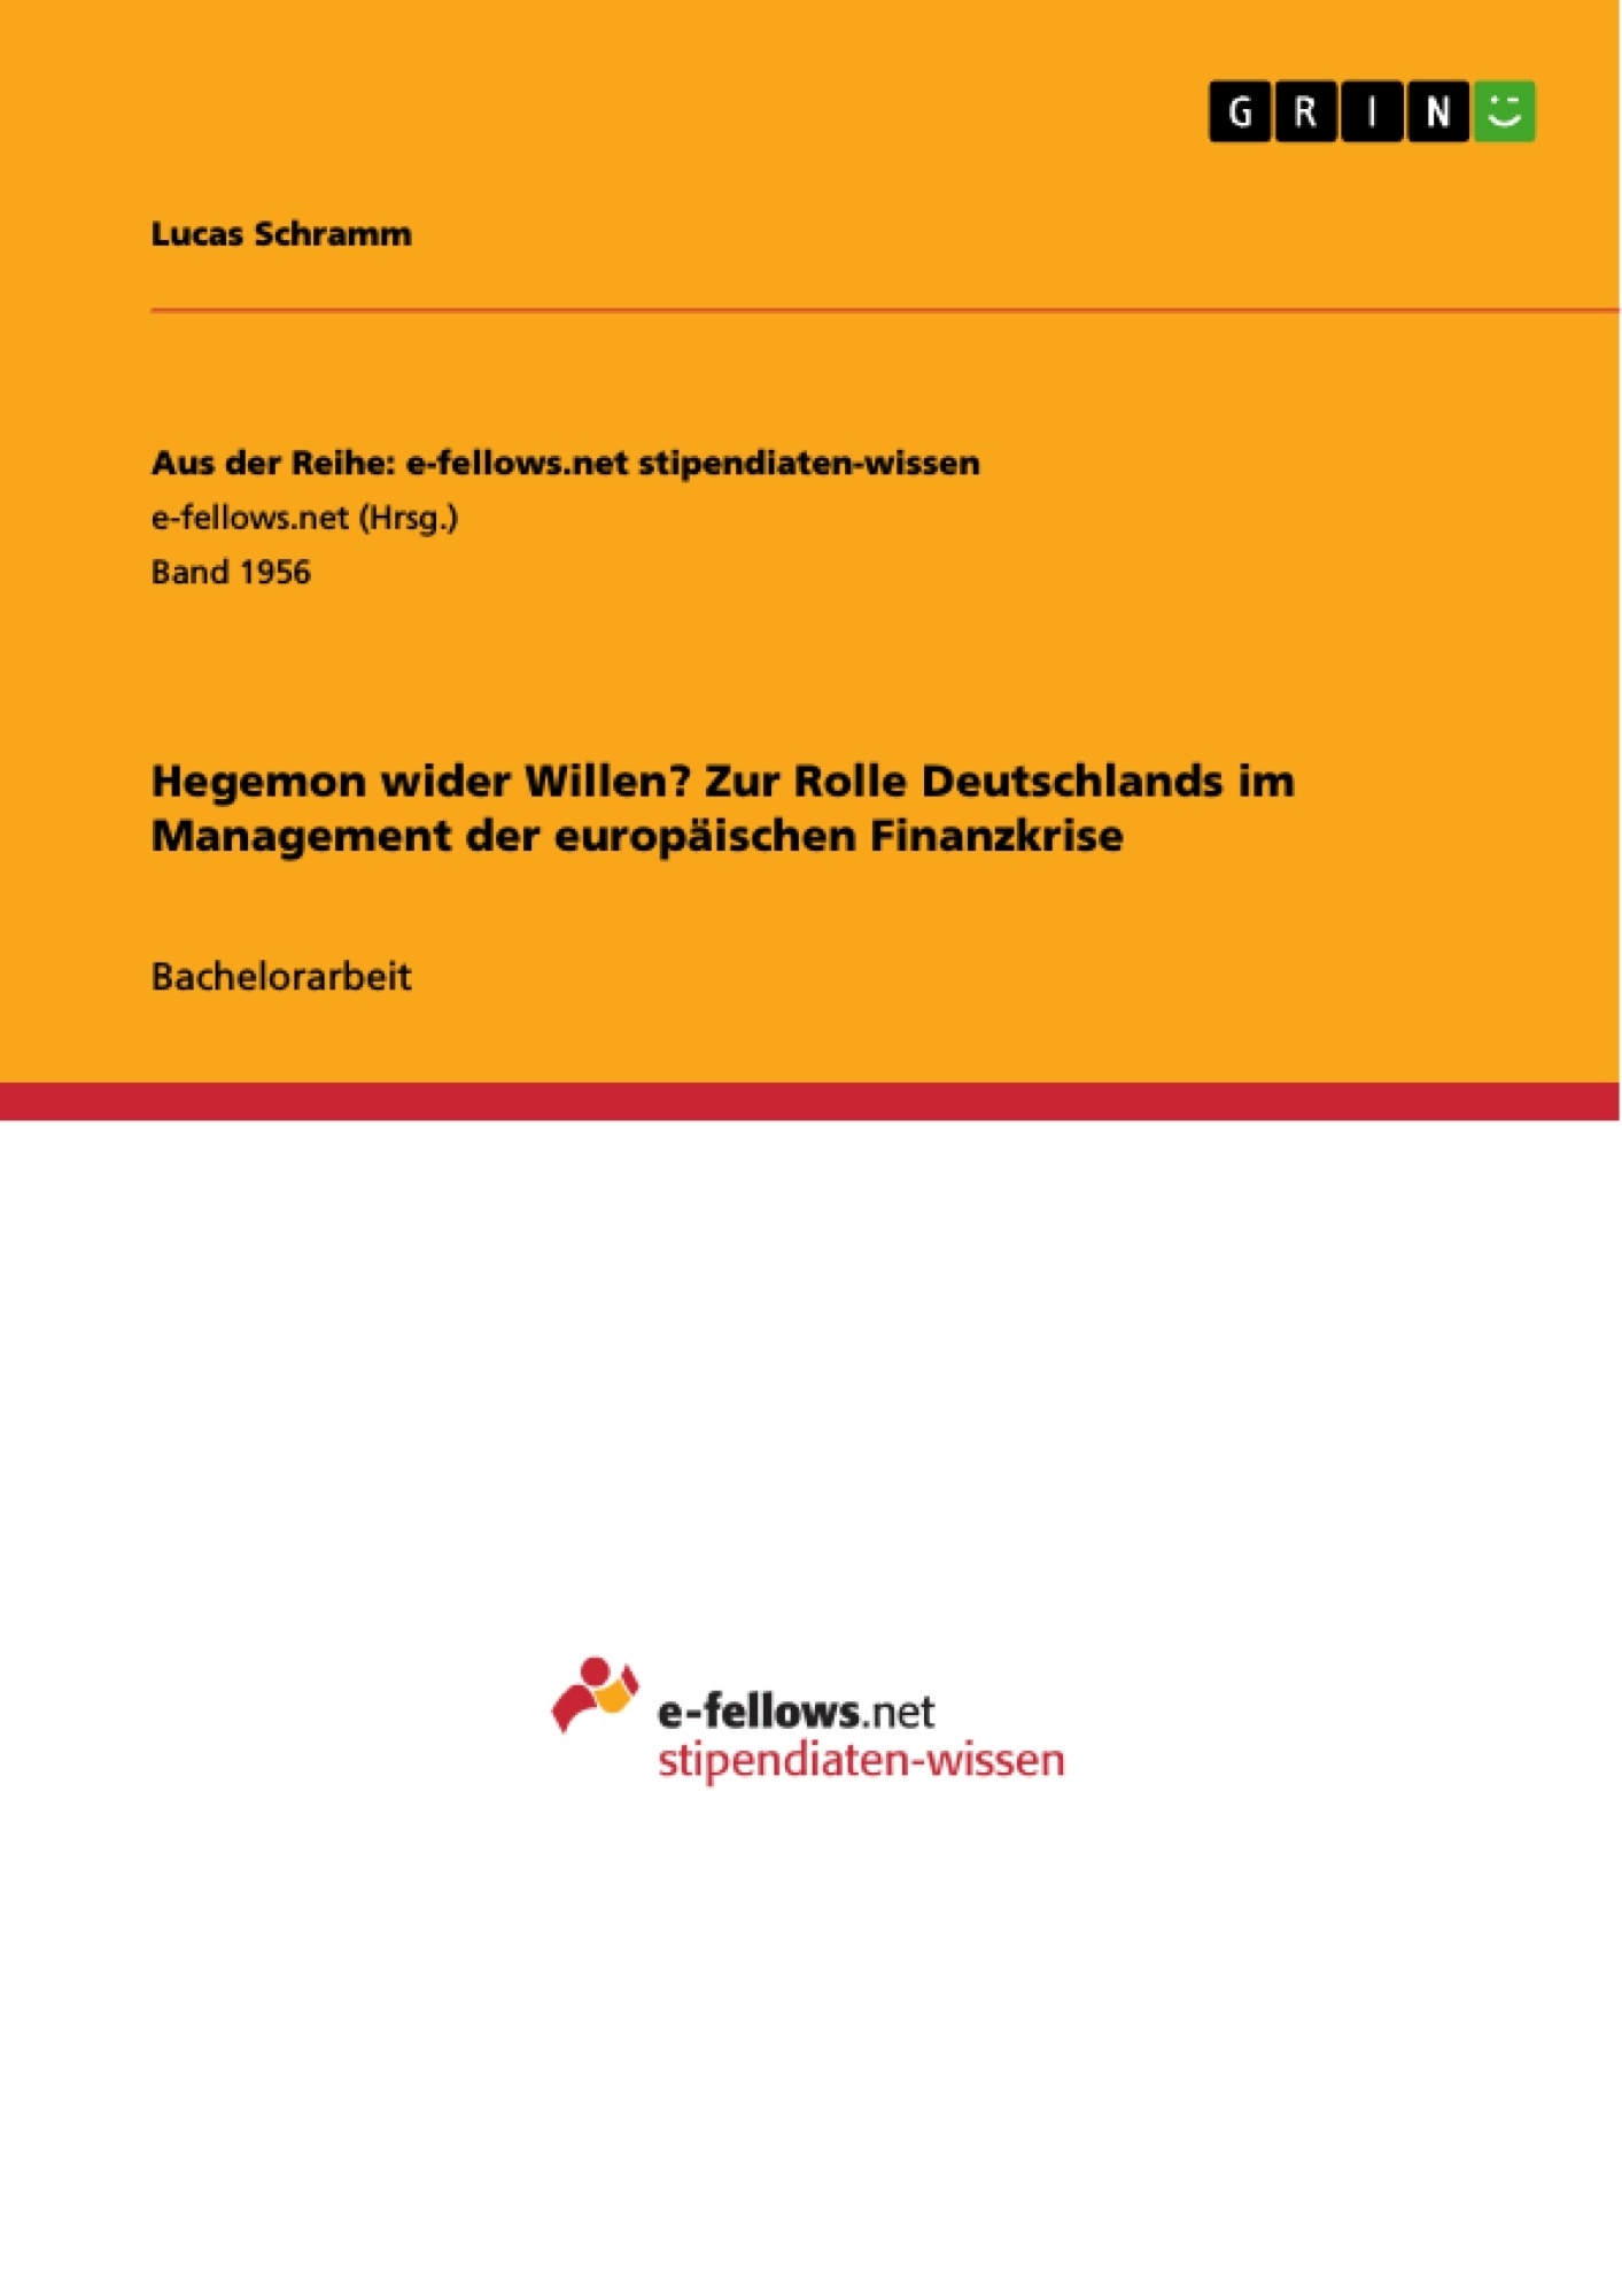 Titel: Hegemon wider Willen? Zur Rolle Deutschlands im Management der europäischen Finanzkrise